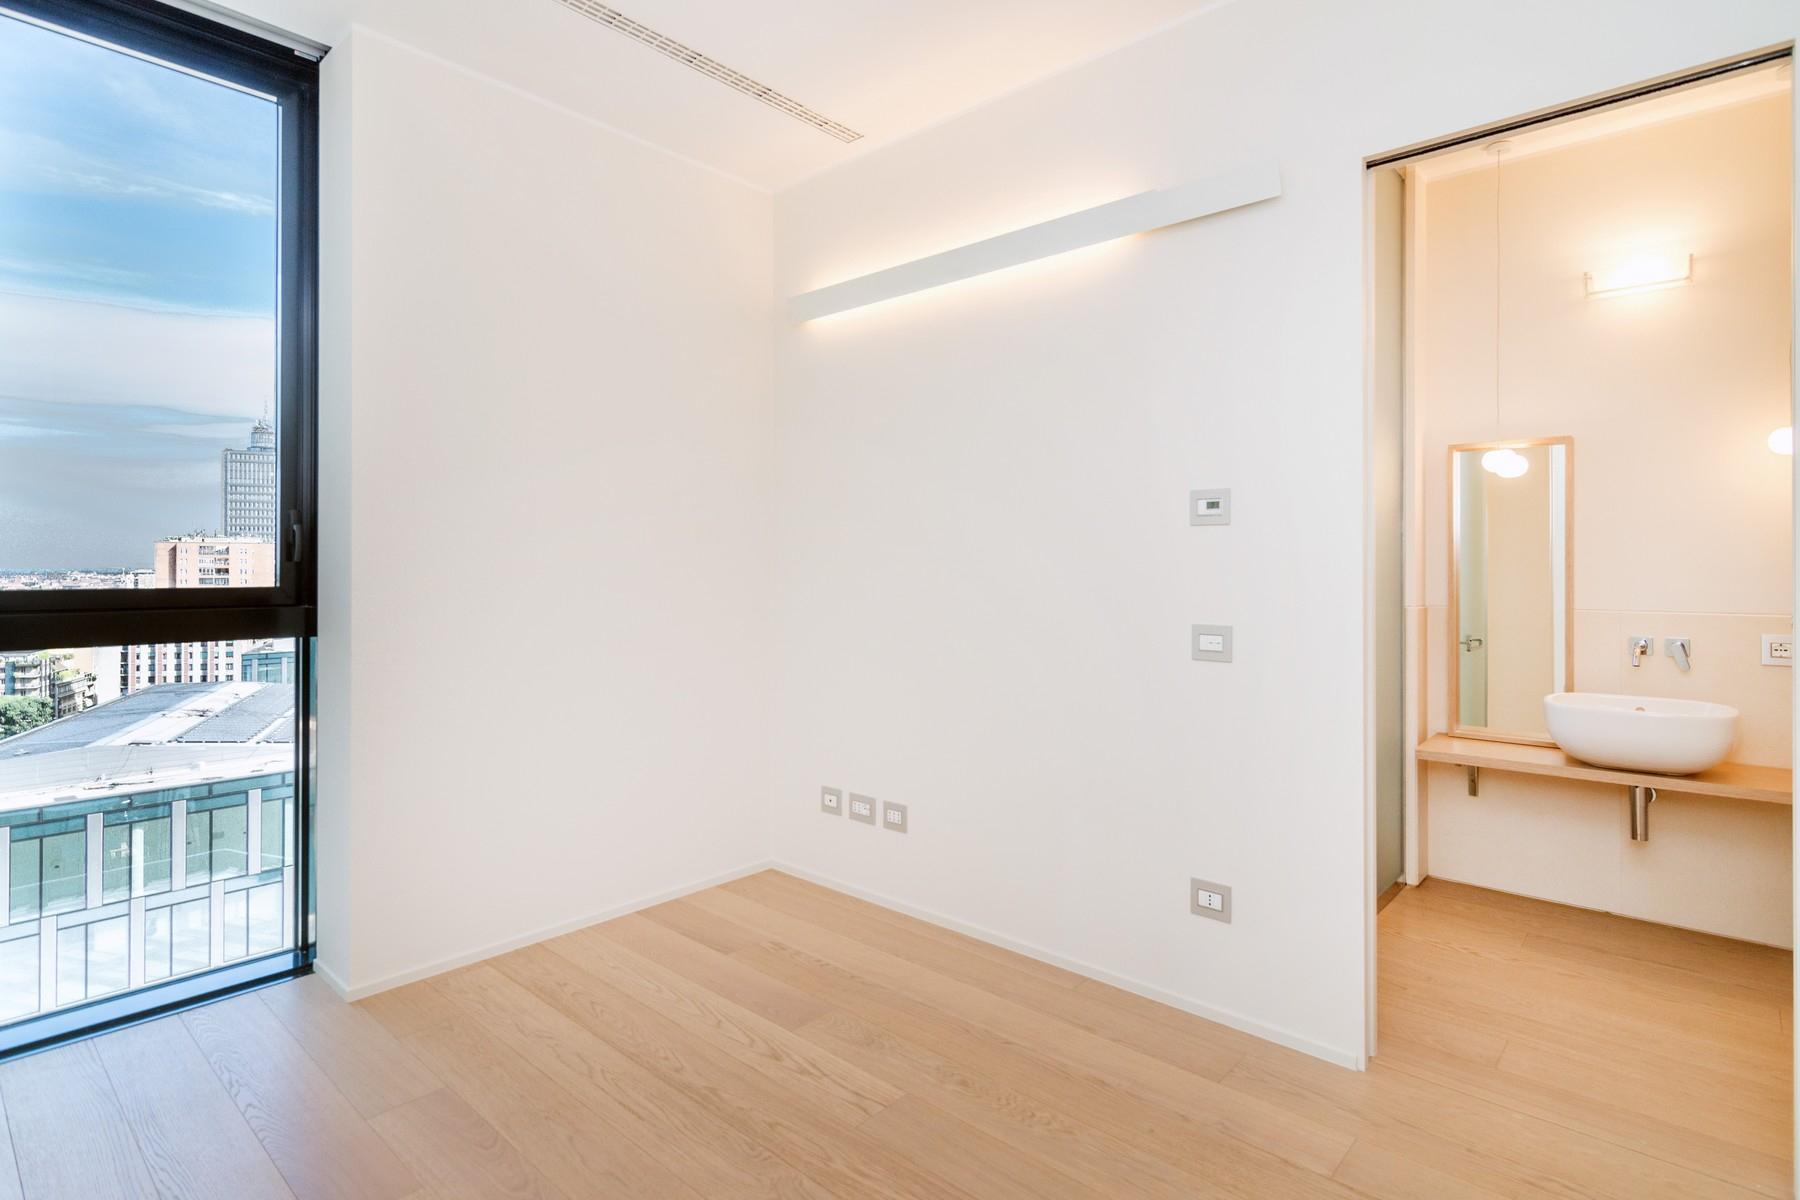 Appartamento in Affitto a Milano: 2 locali, 96 mq - Foto 10